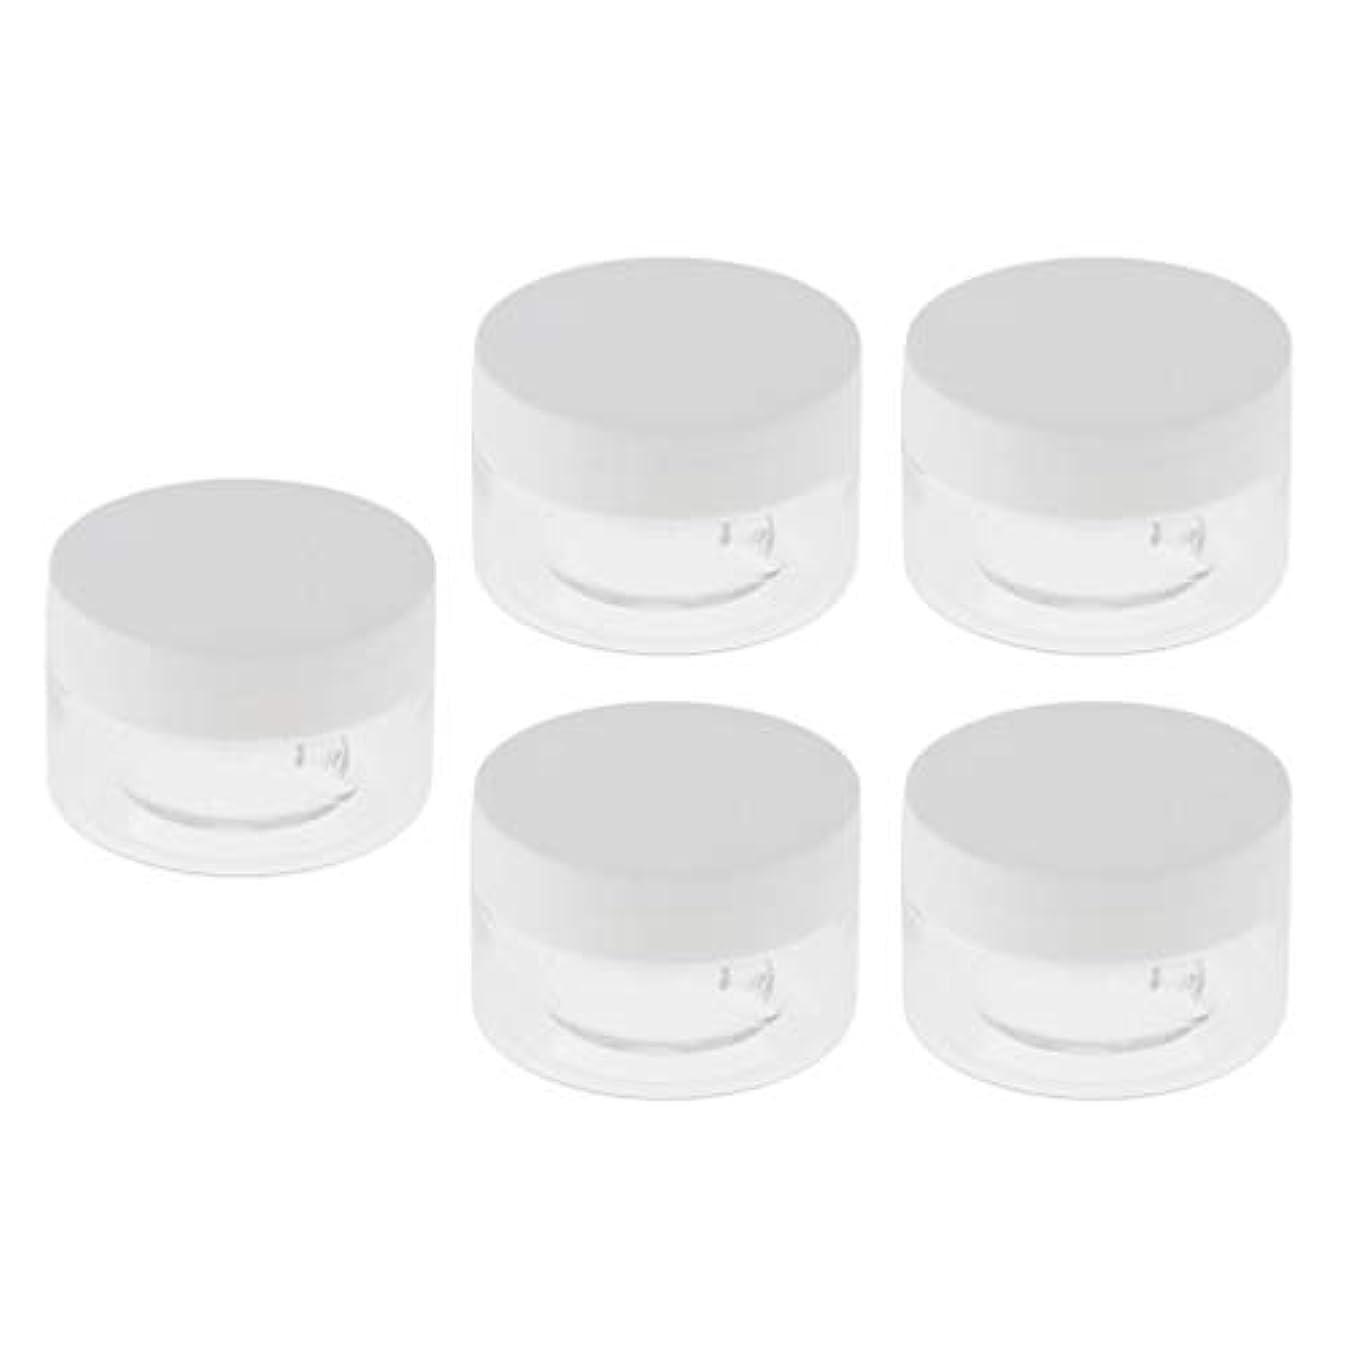 九成長する排除する5個セット クリームボトル 詰替え容器 ローションジャー 30g 空 化粧品ボトル 全2色 - 白